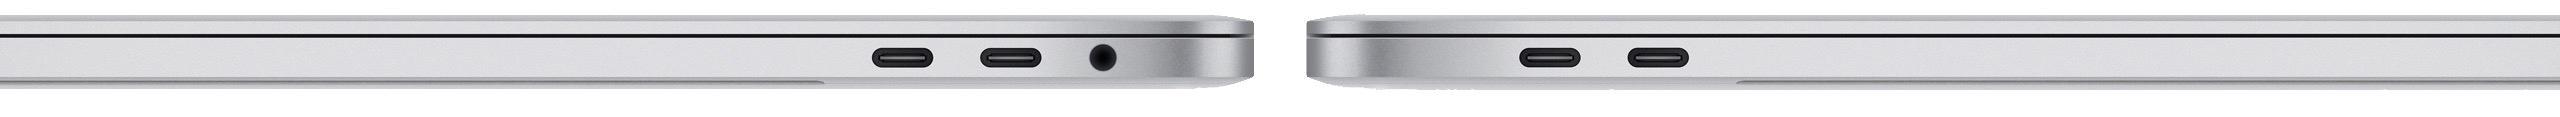 Macbook Pro 13 inch 2018 Touch Bar MR9U2 Silver giá tốt nhất tại 2T Mobile